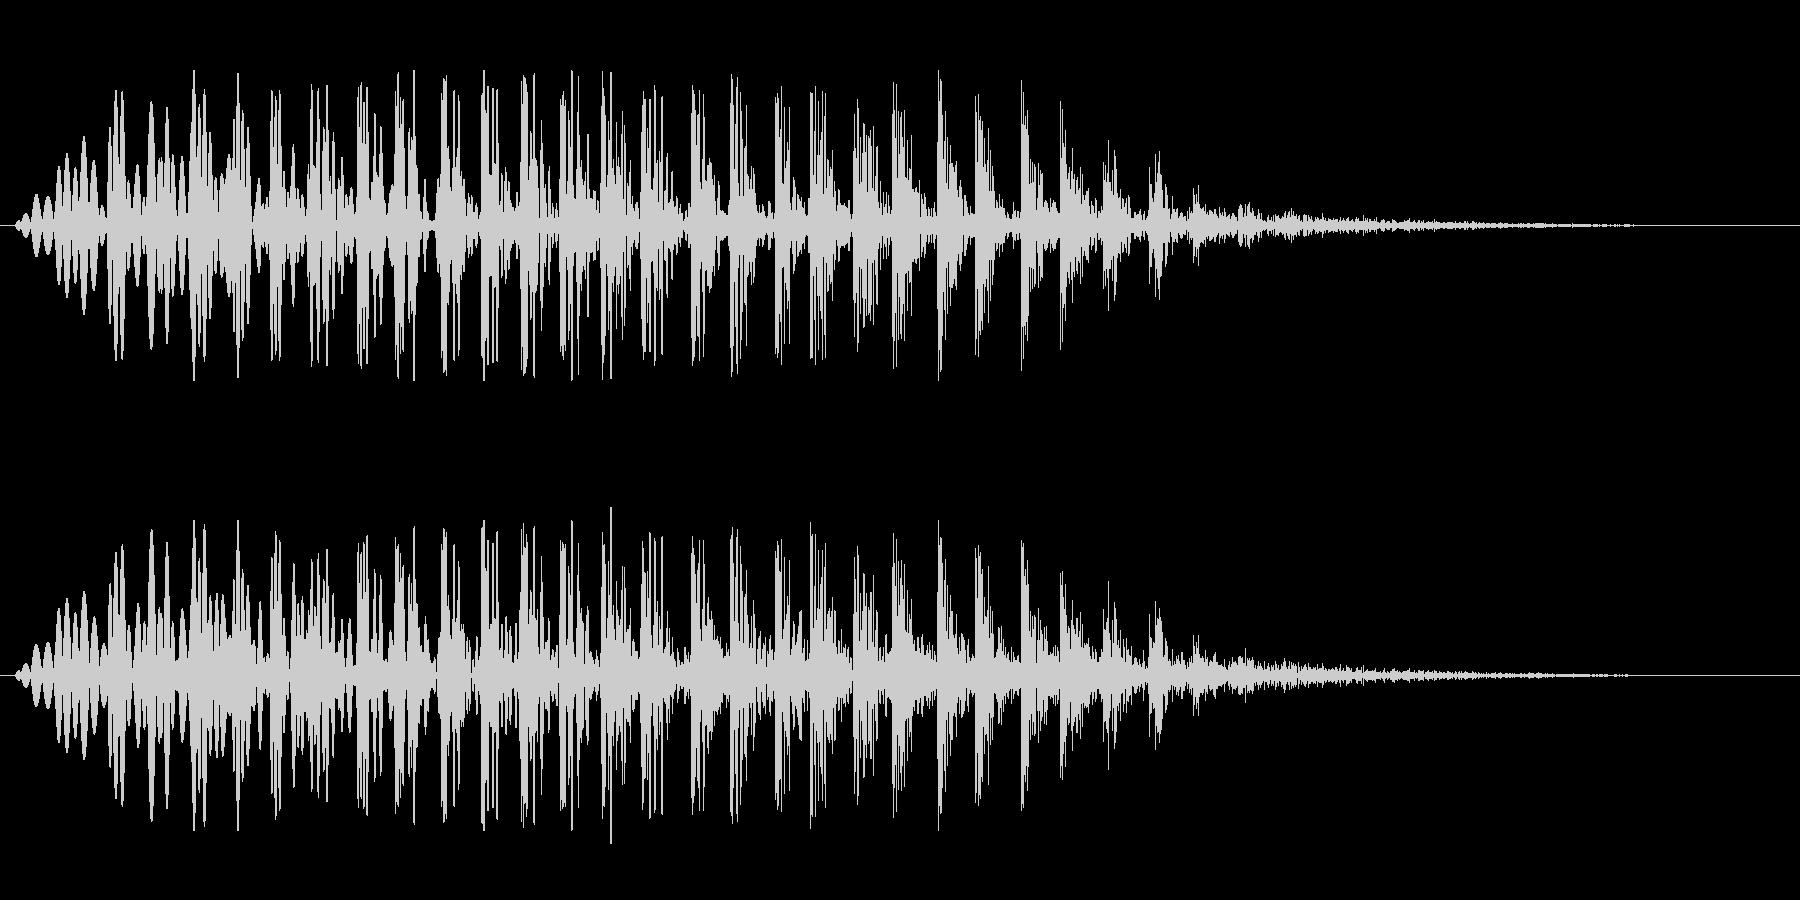 シャララ系アップ(ぷわぷわ)の未再生の波形